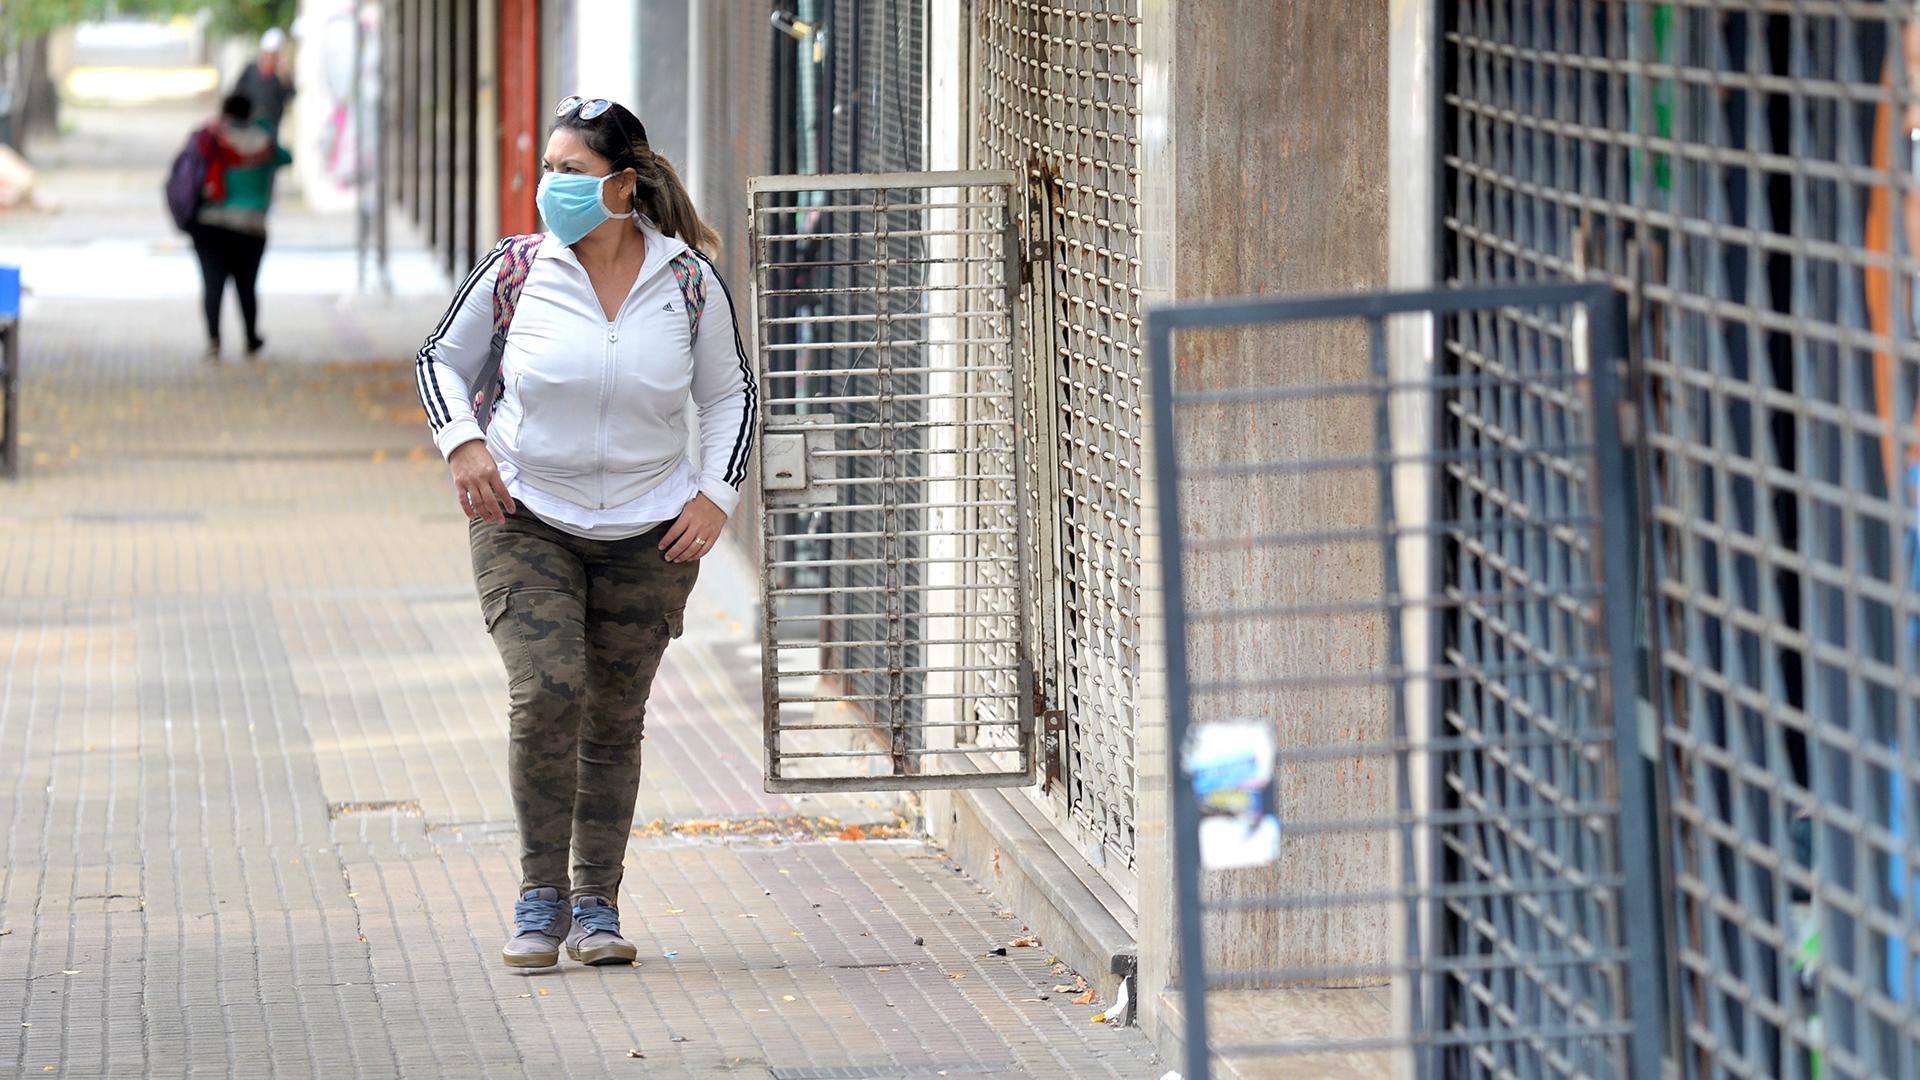 Coronavirus en Argentina: cuáles son los comercios y rubros que continuarán  cerrados en la Ciudad de Buenos Aires - Infobae